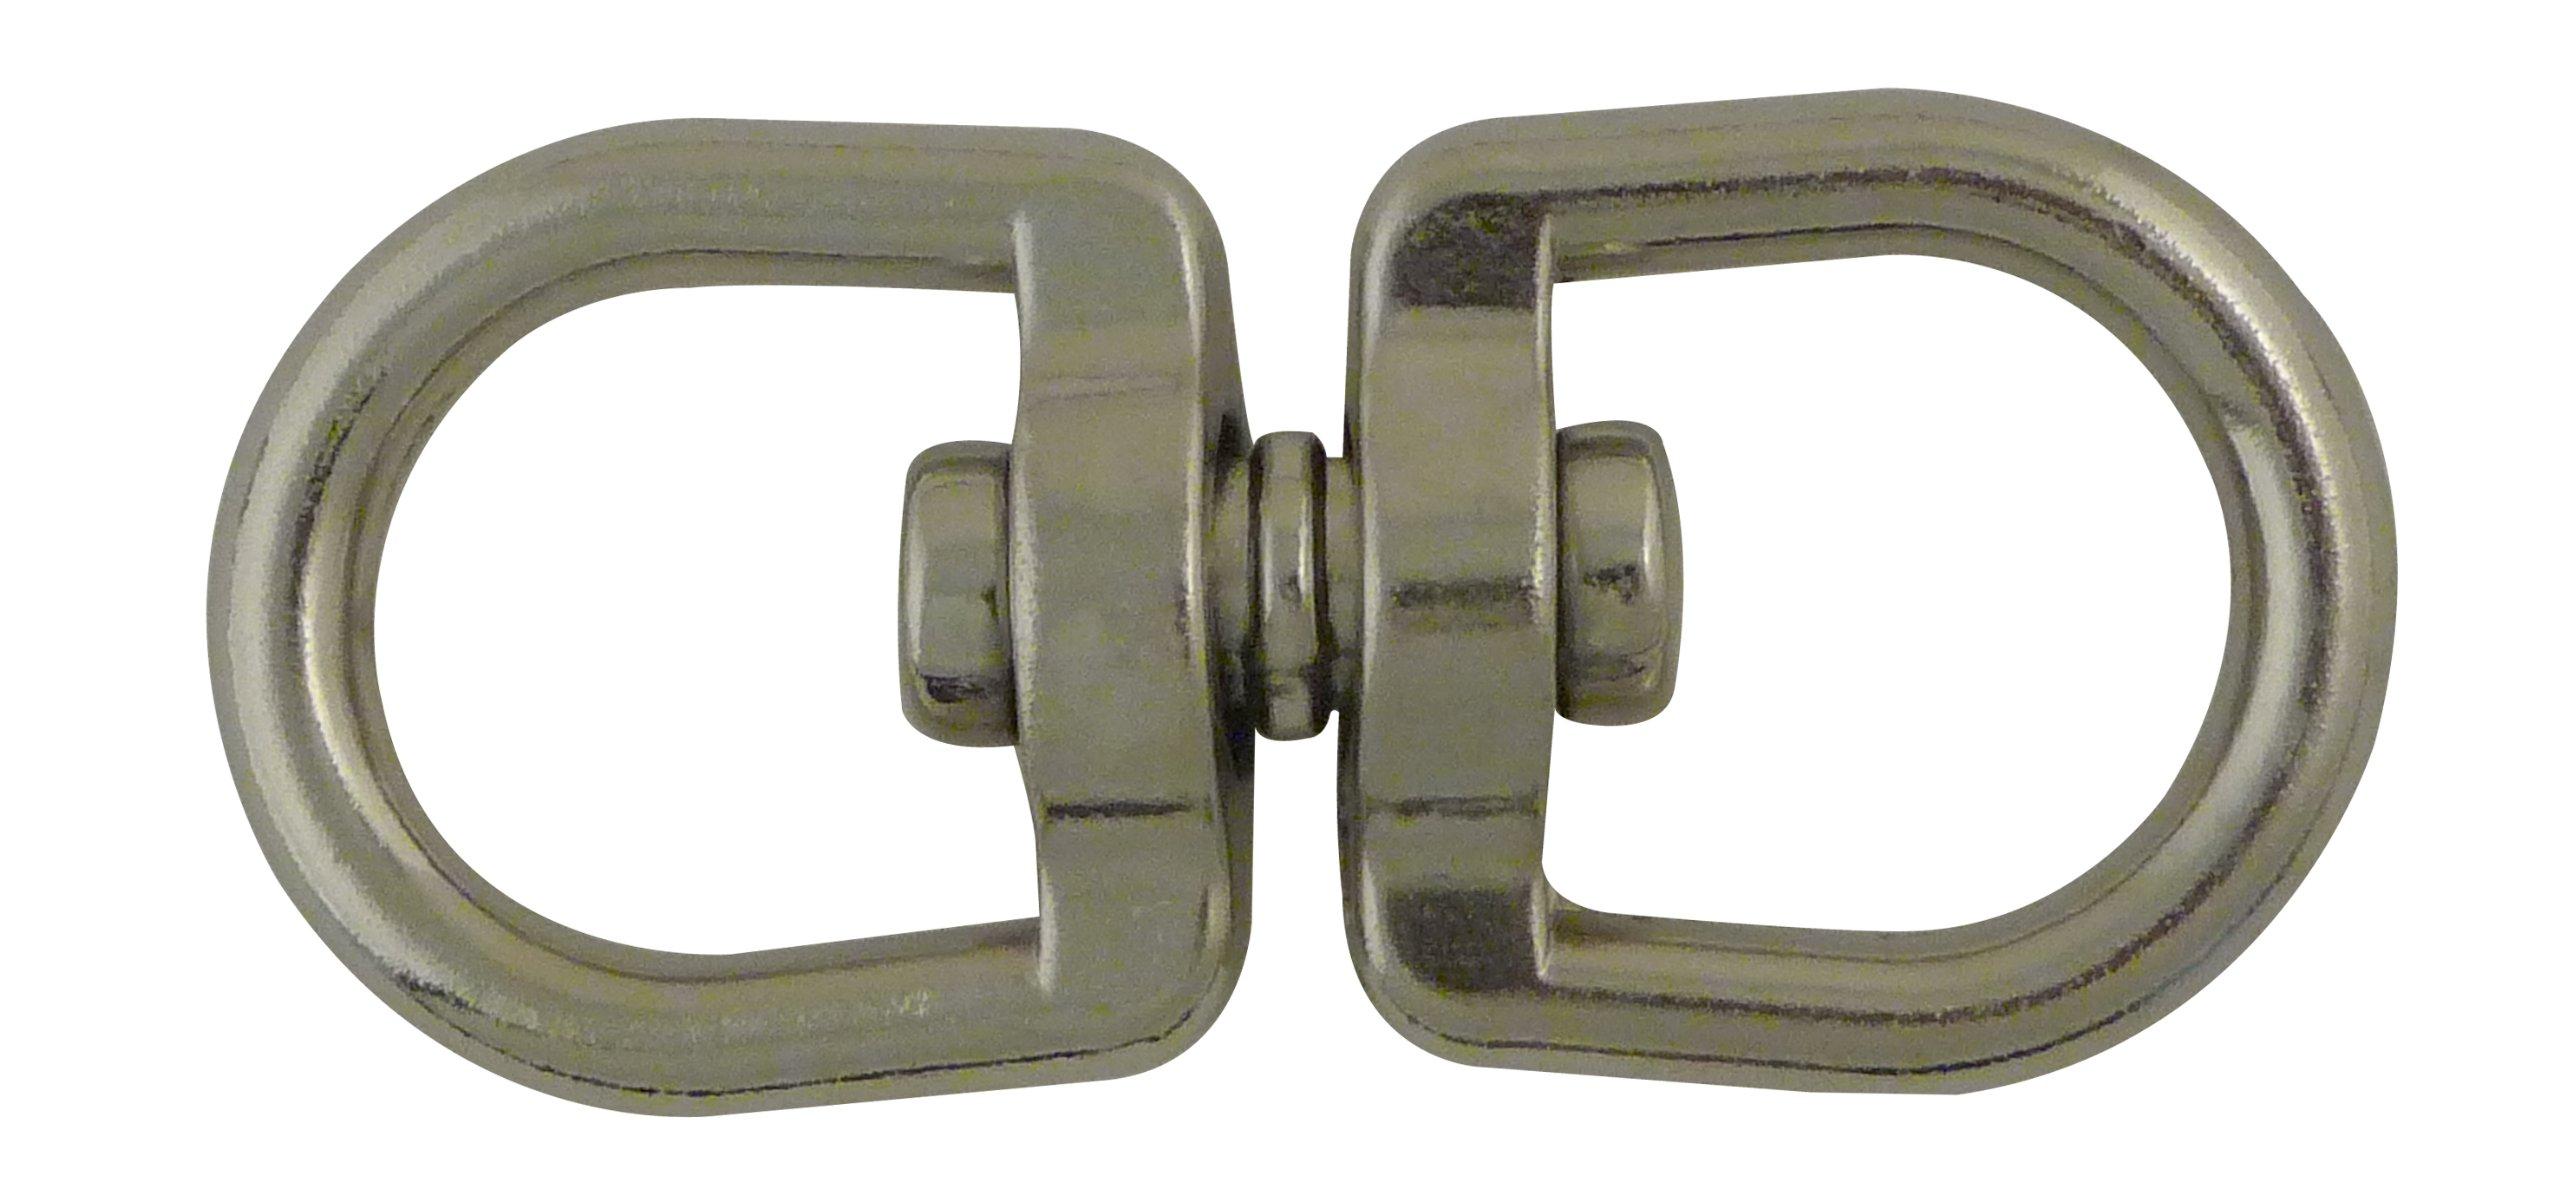 Viso DTP252NP Double Eye Swivel Hook - Nickel Plated Zamak